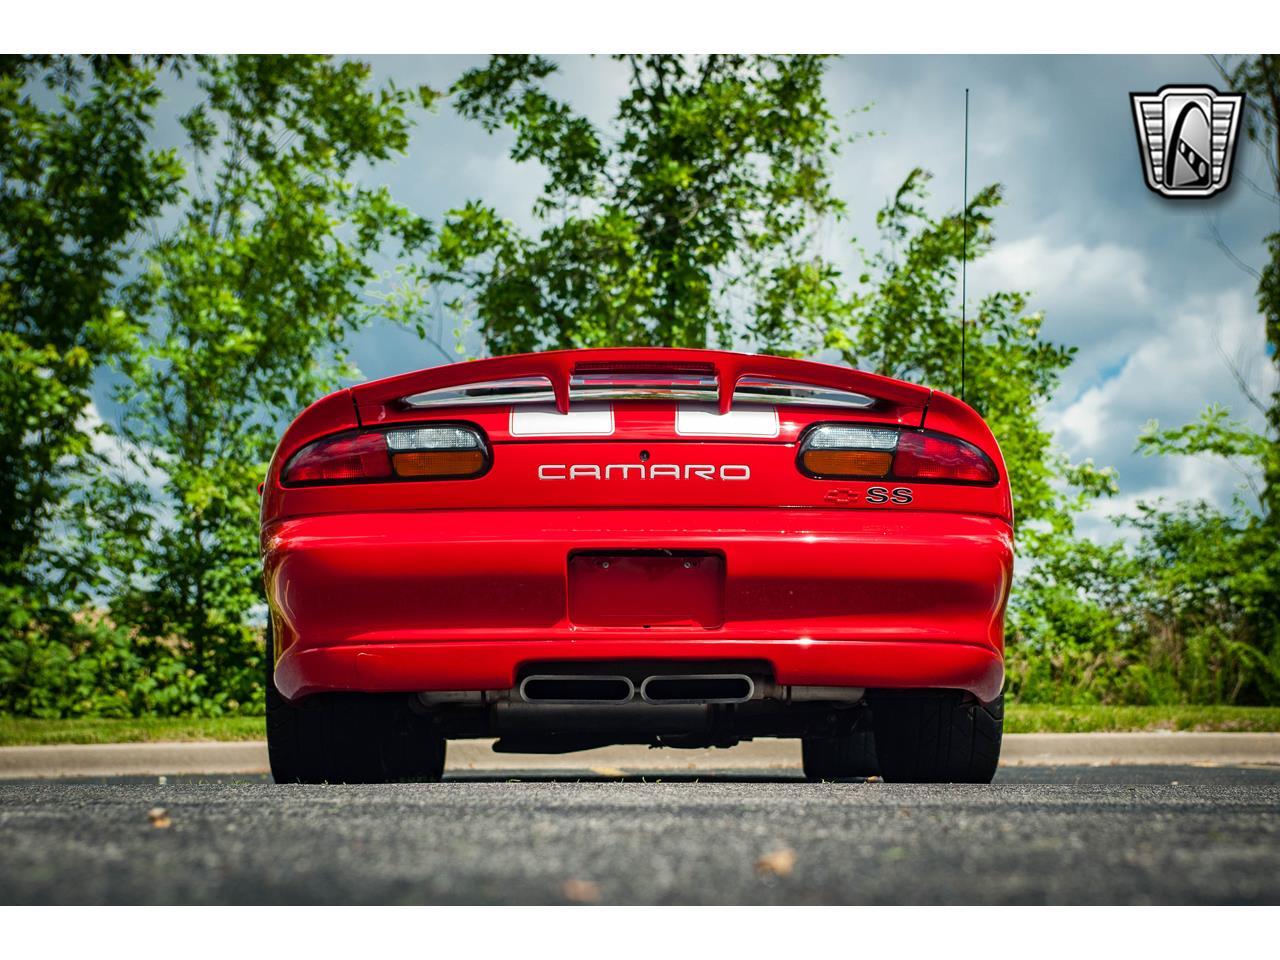 Large Picture of 2002 Chevrolet Camaro located in O'Fallon Illinois - $33,500.00 - QB9Z